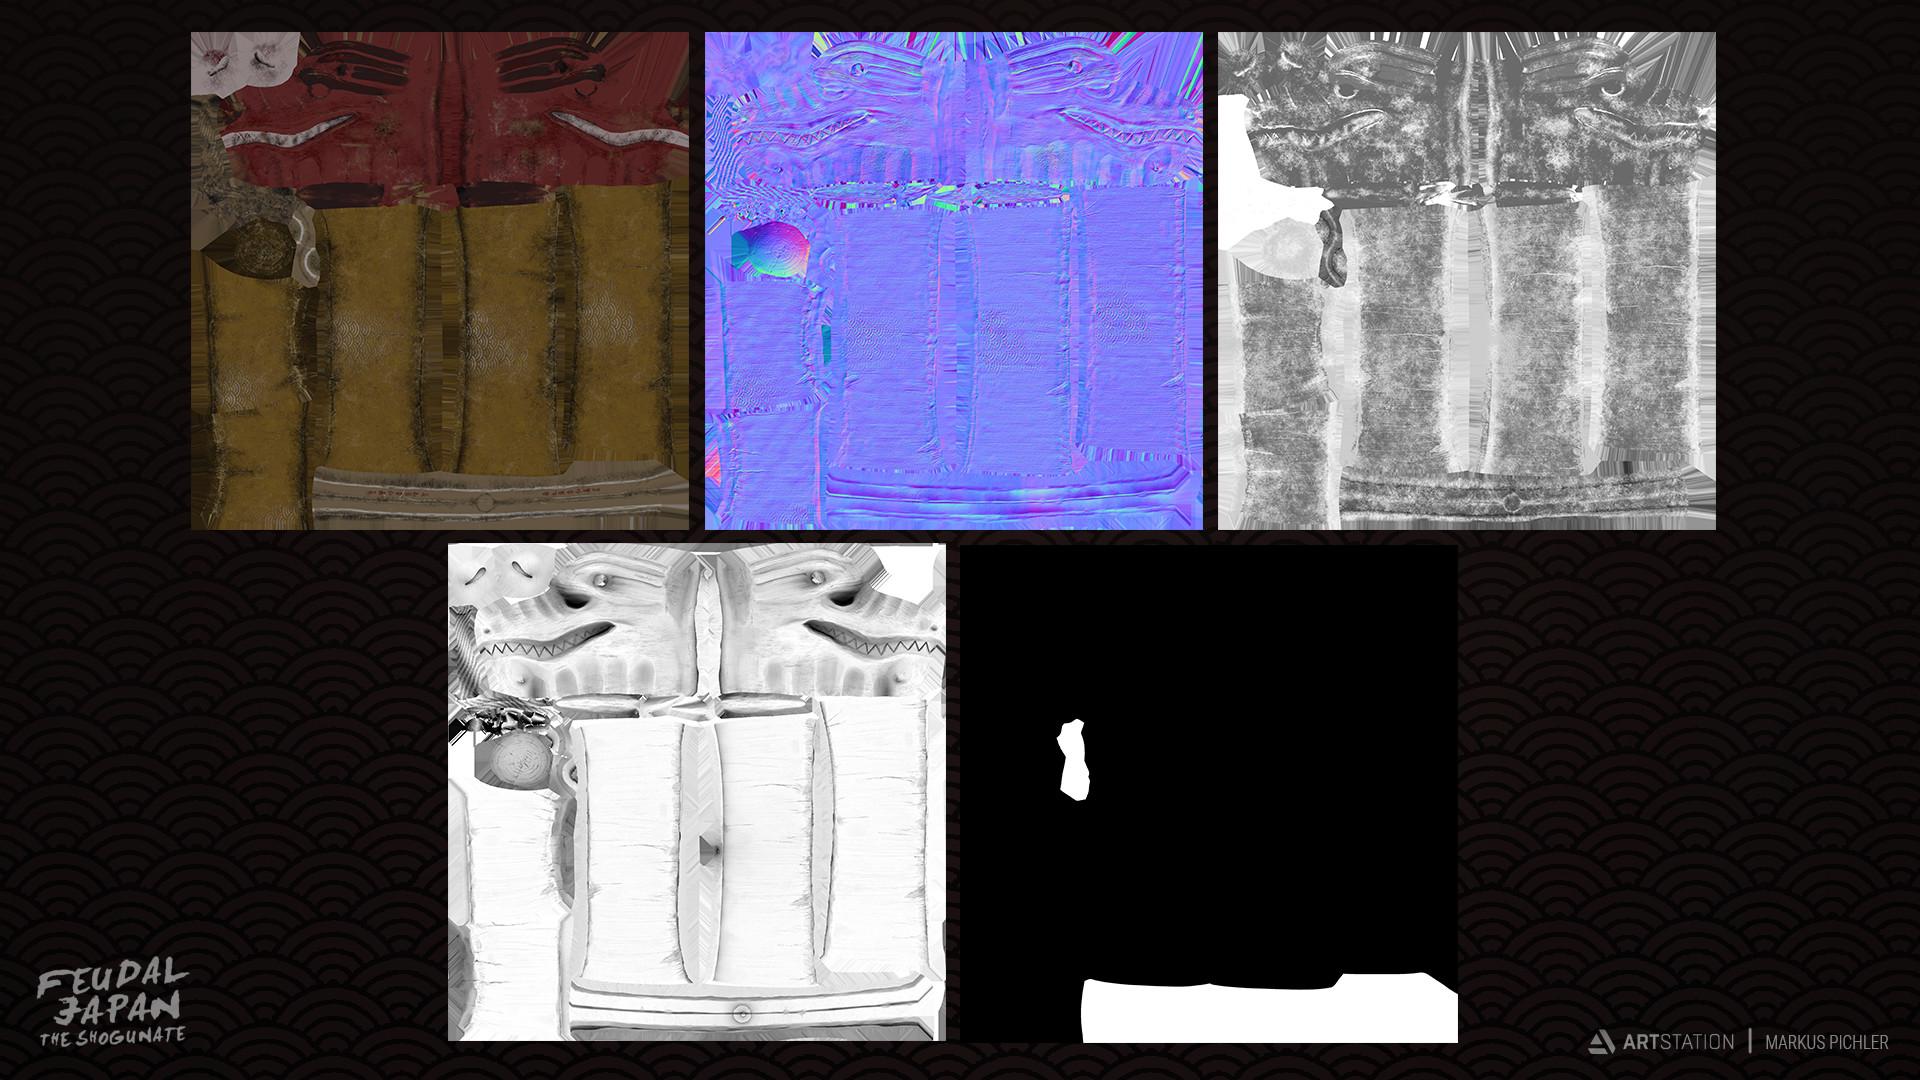 Markus pichler presentationsheetszeichenflache 1 kopie 17